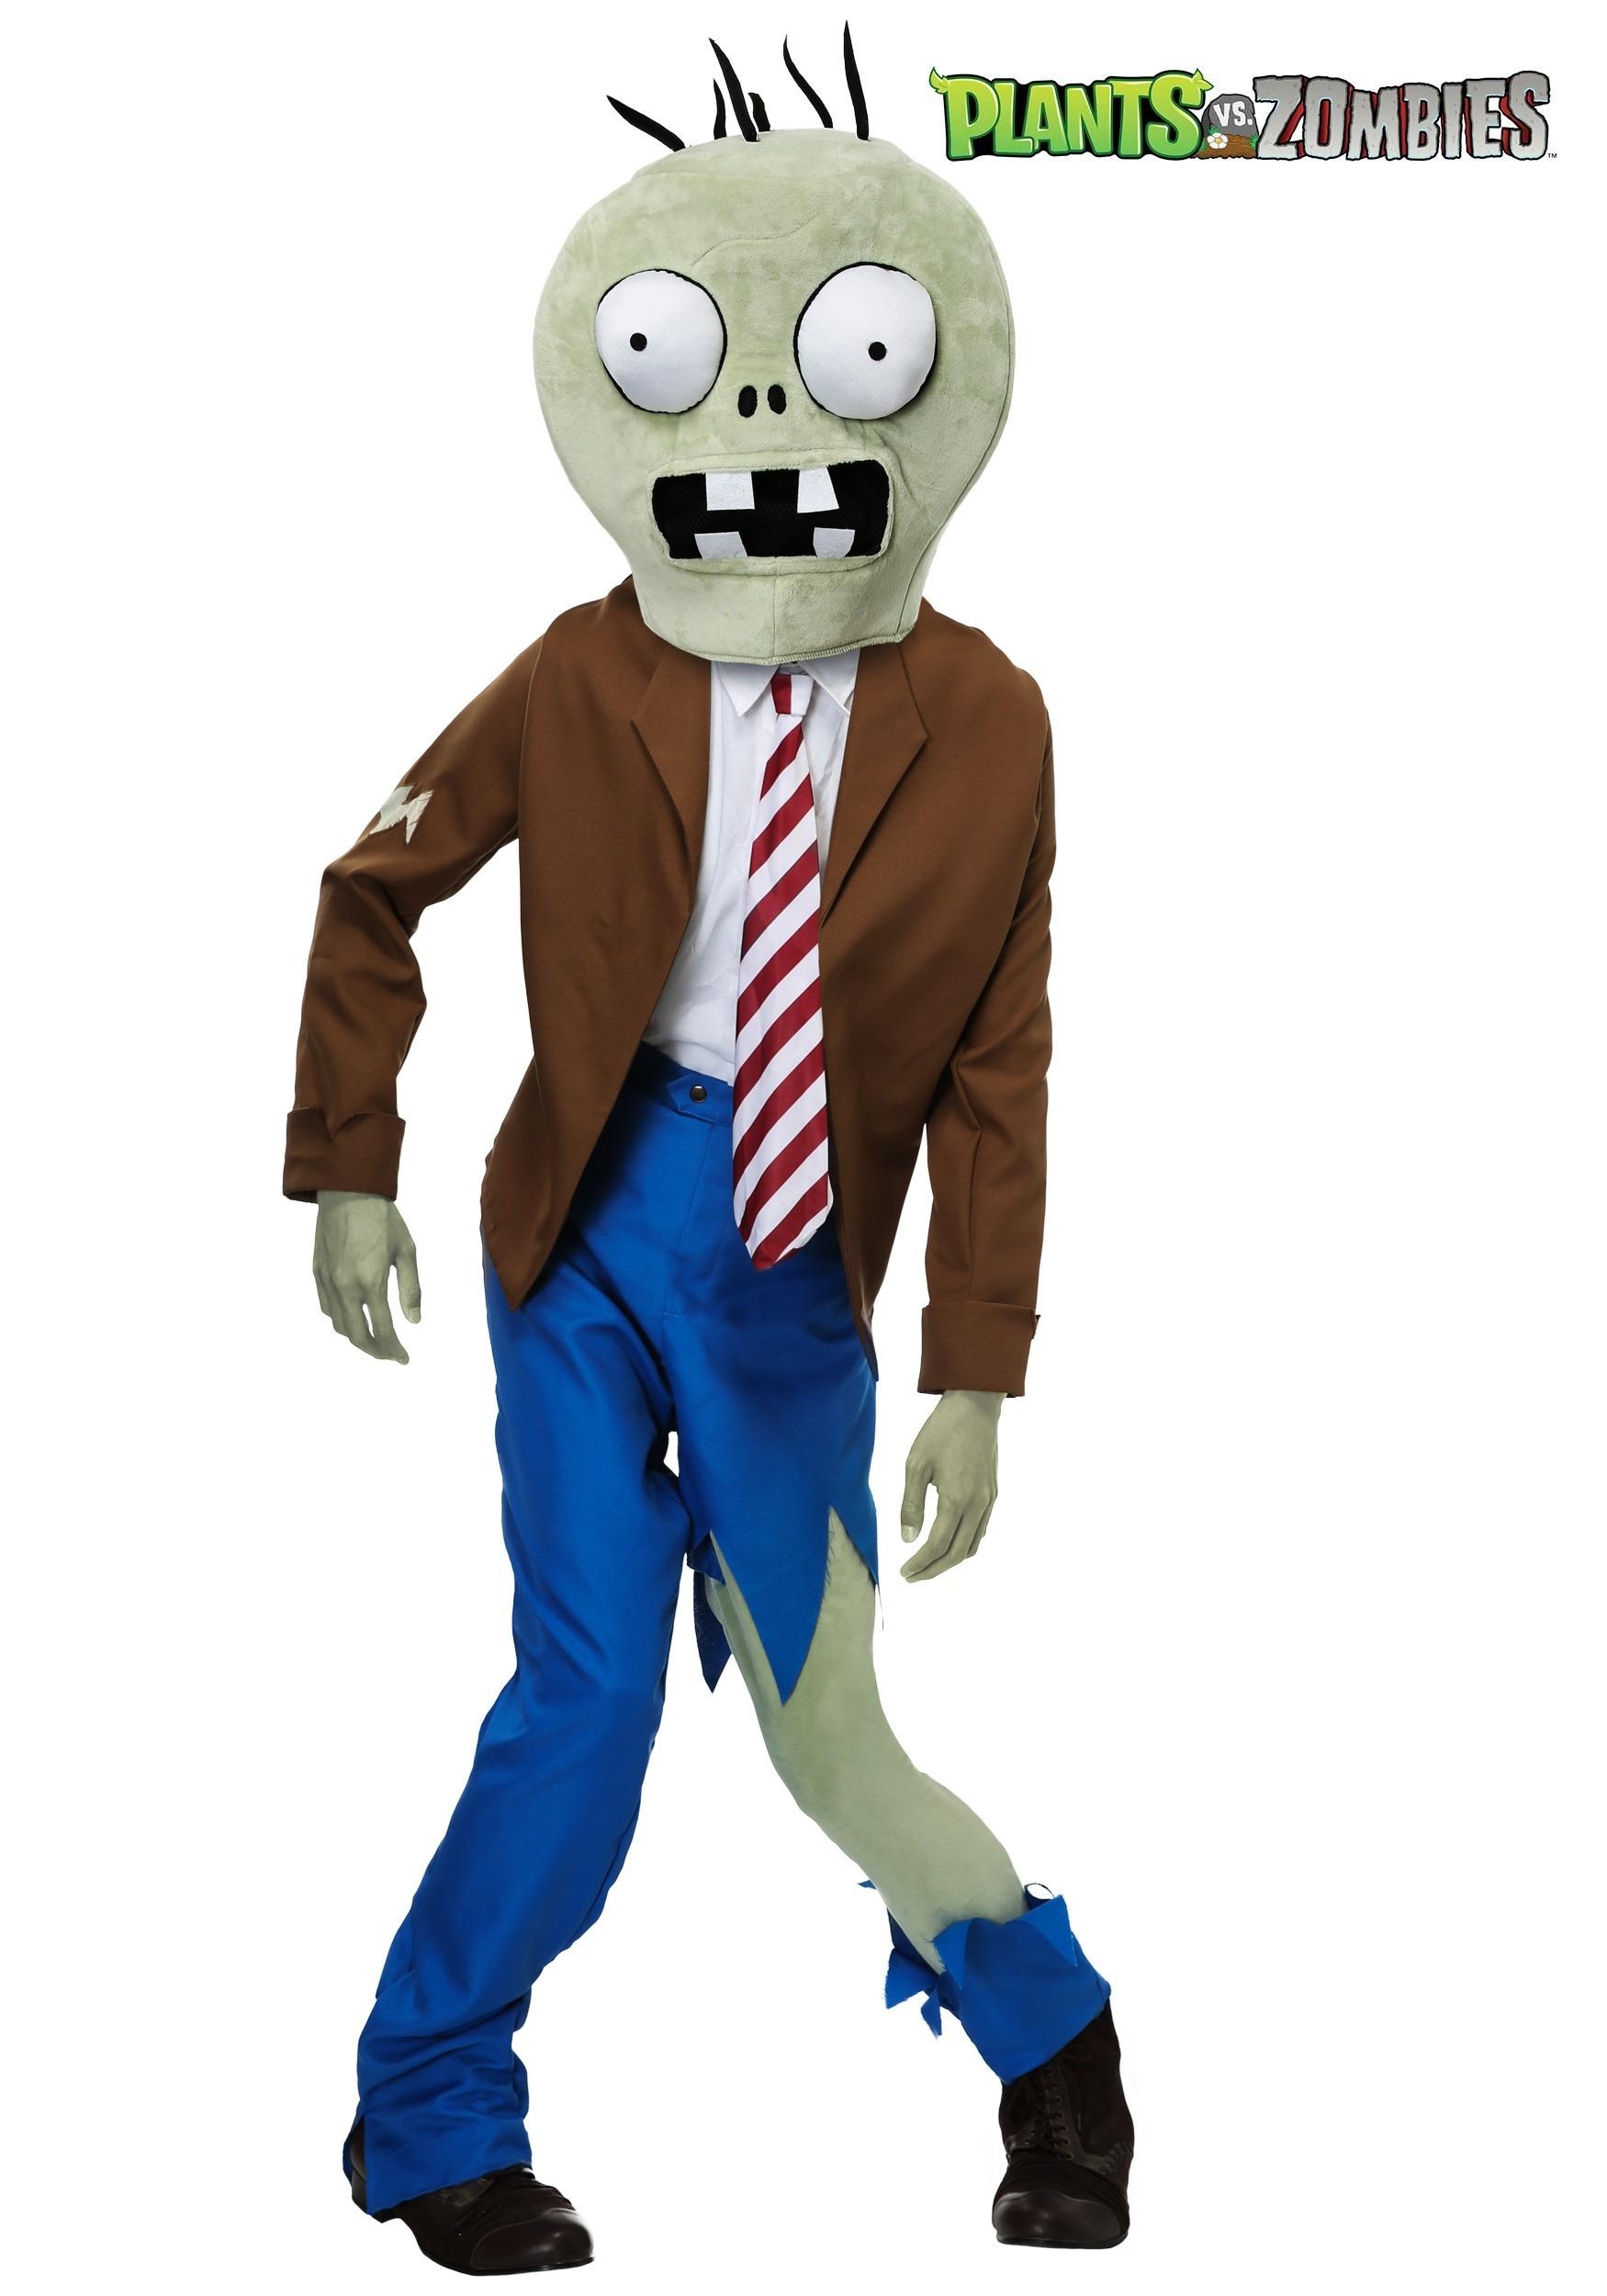 S Plants Vs Zombies Zombie Costume